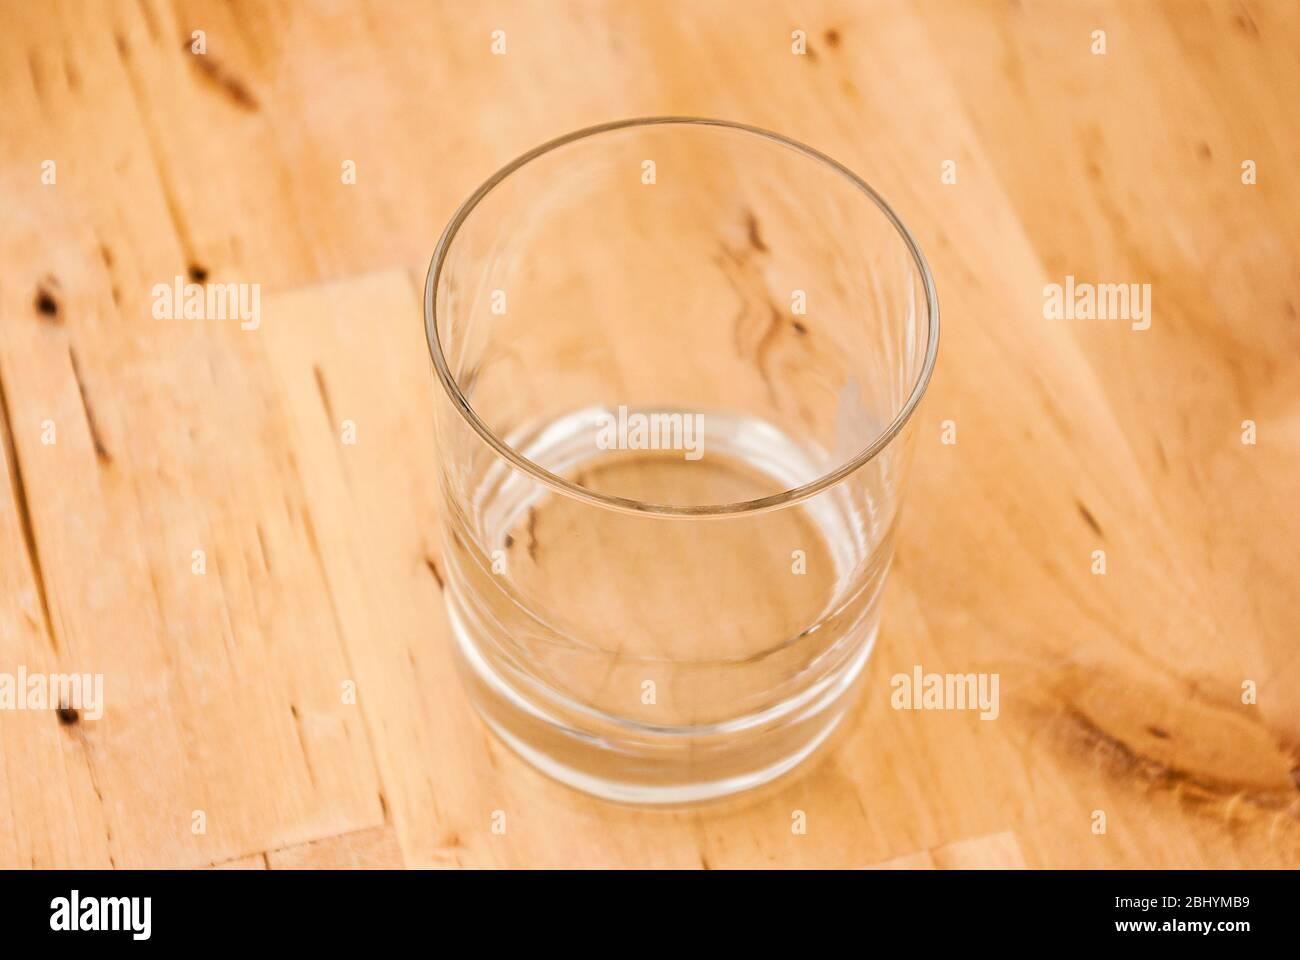 Ein leeres Glas auf einem Holztisch. Einzelnes leeres Glas auf einem Holztisch. Stockfoto